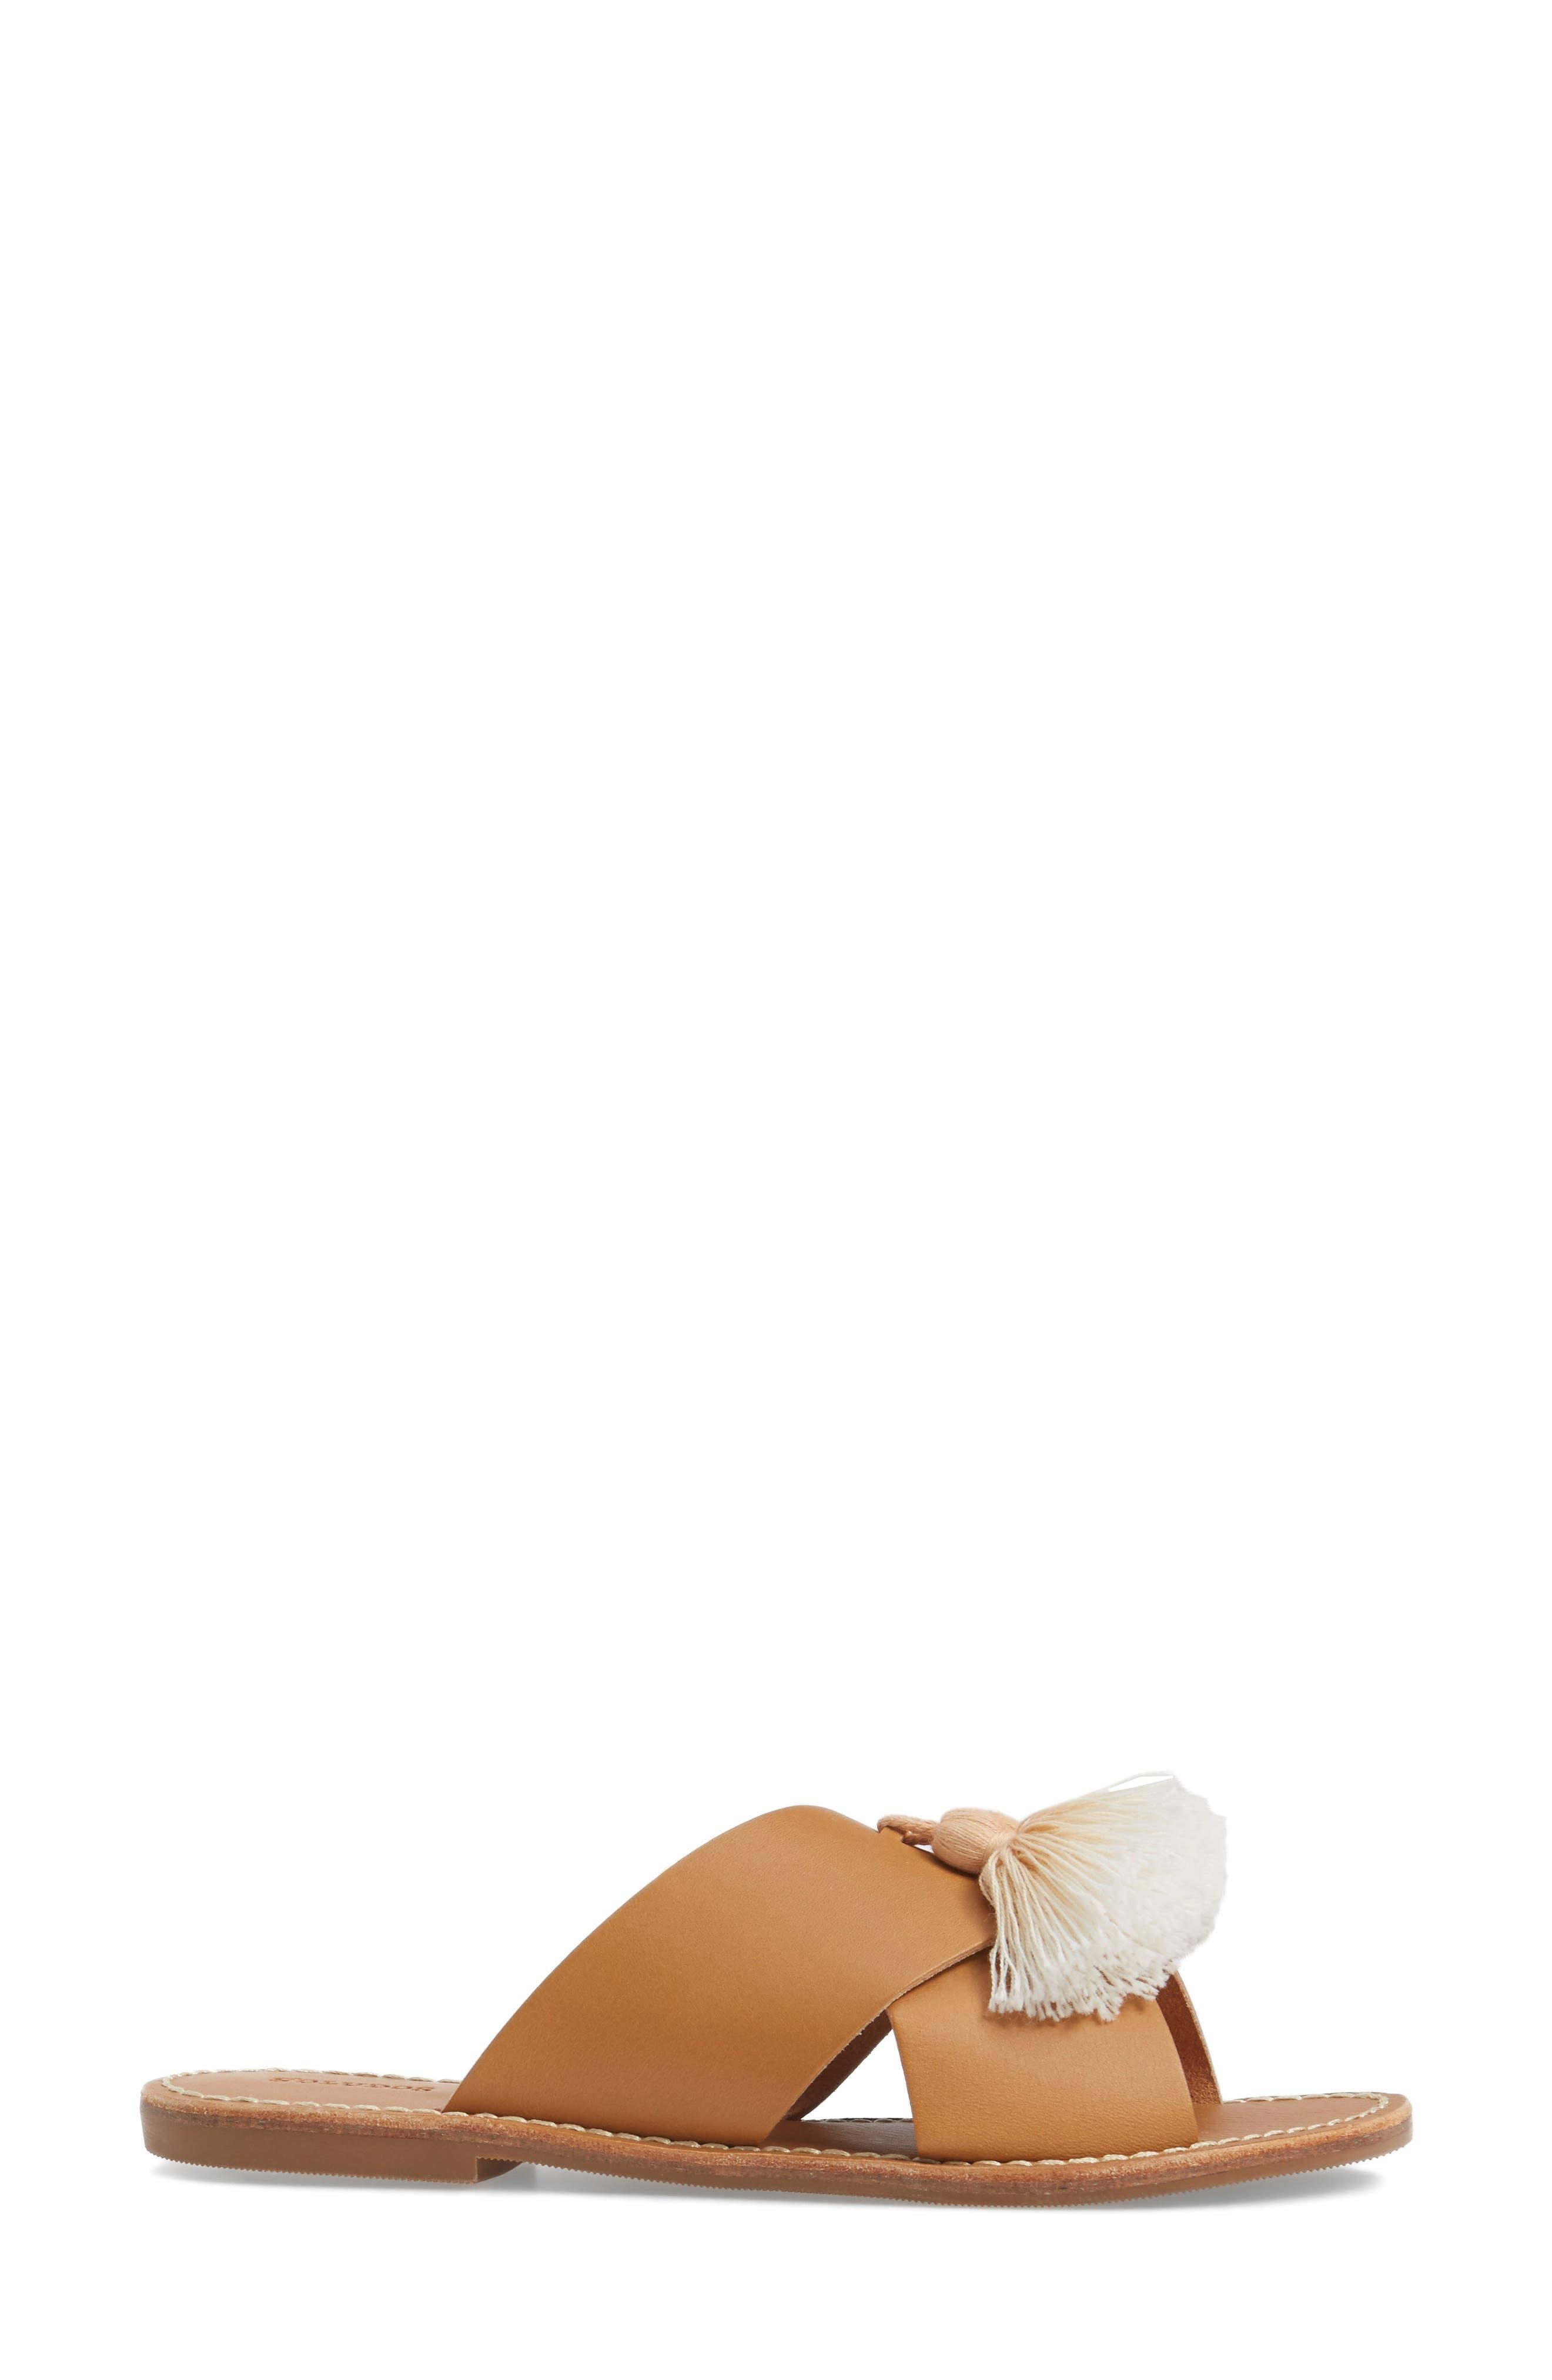 Tassel Slide Sandal,                             Alternate thumbnail 3, color,